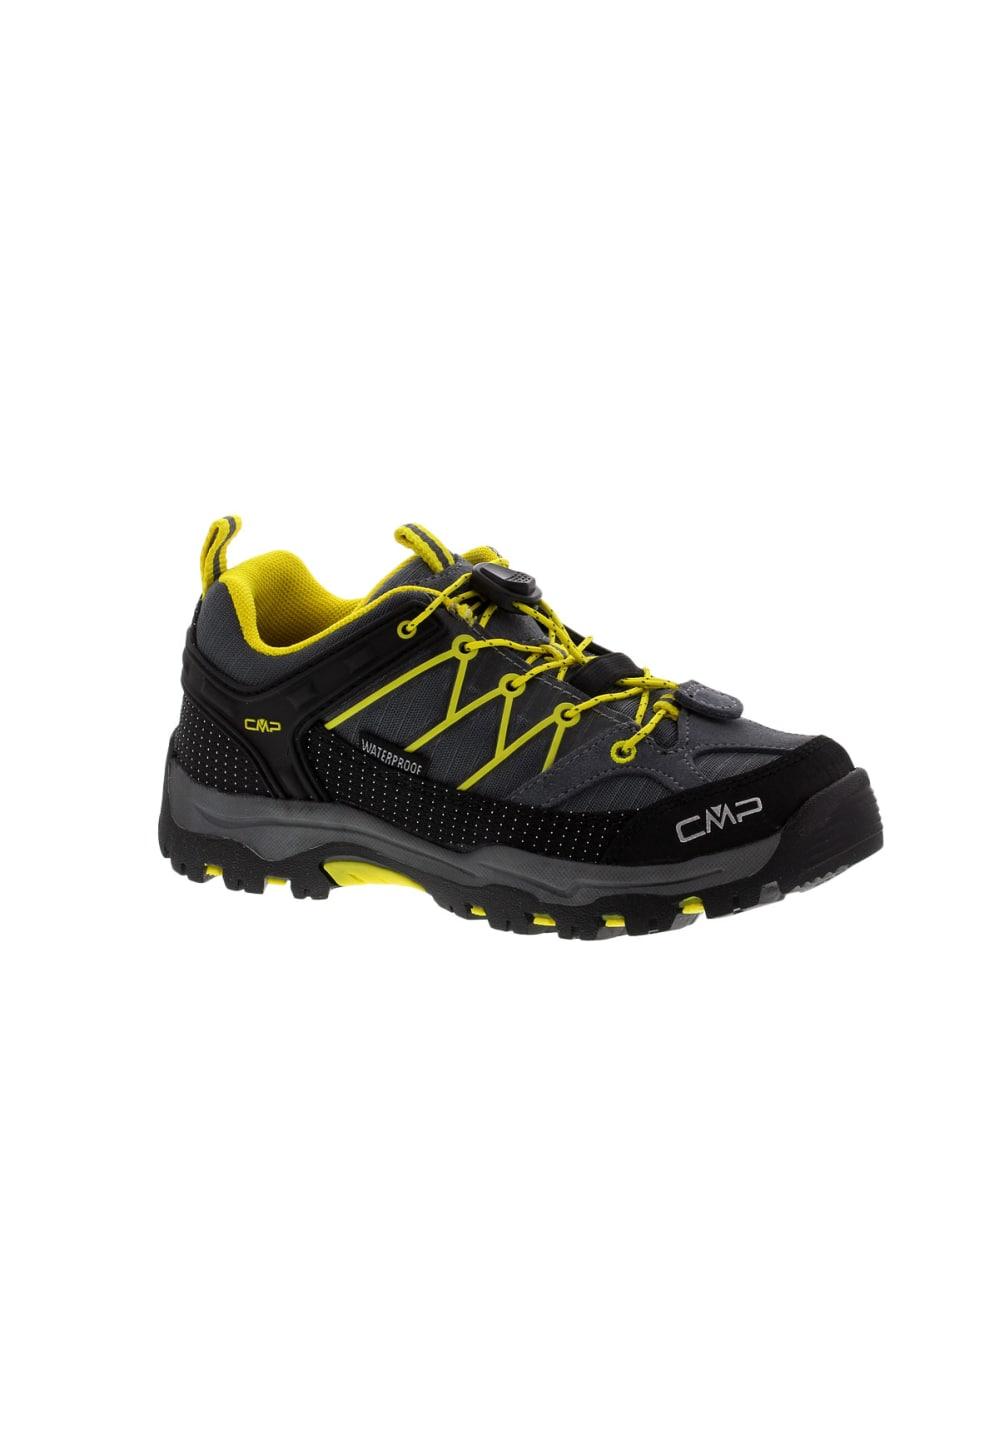 Campagnolo Rigel Low Trekking WP Enfants Chaussures randonnée